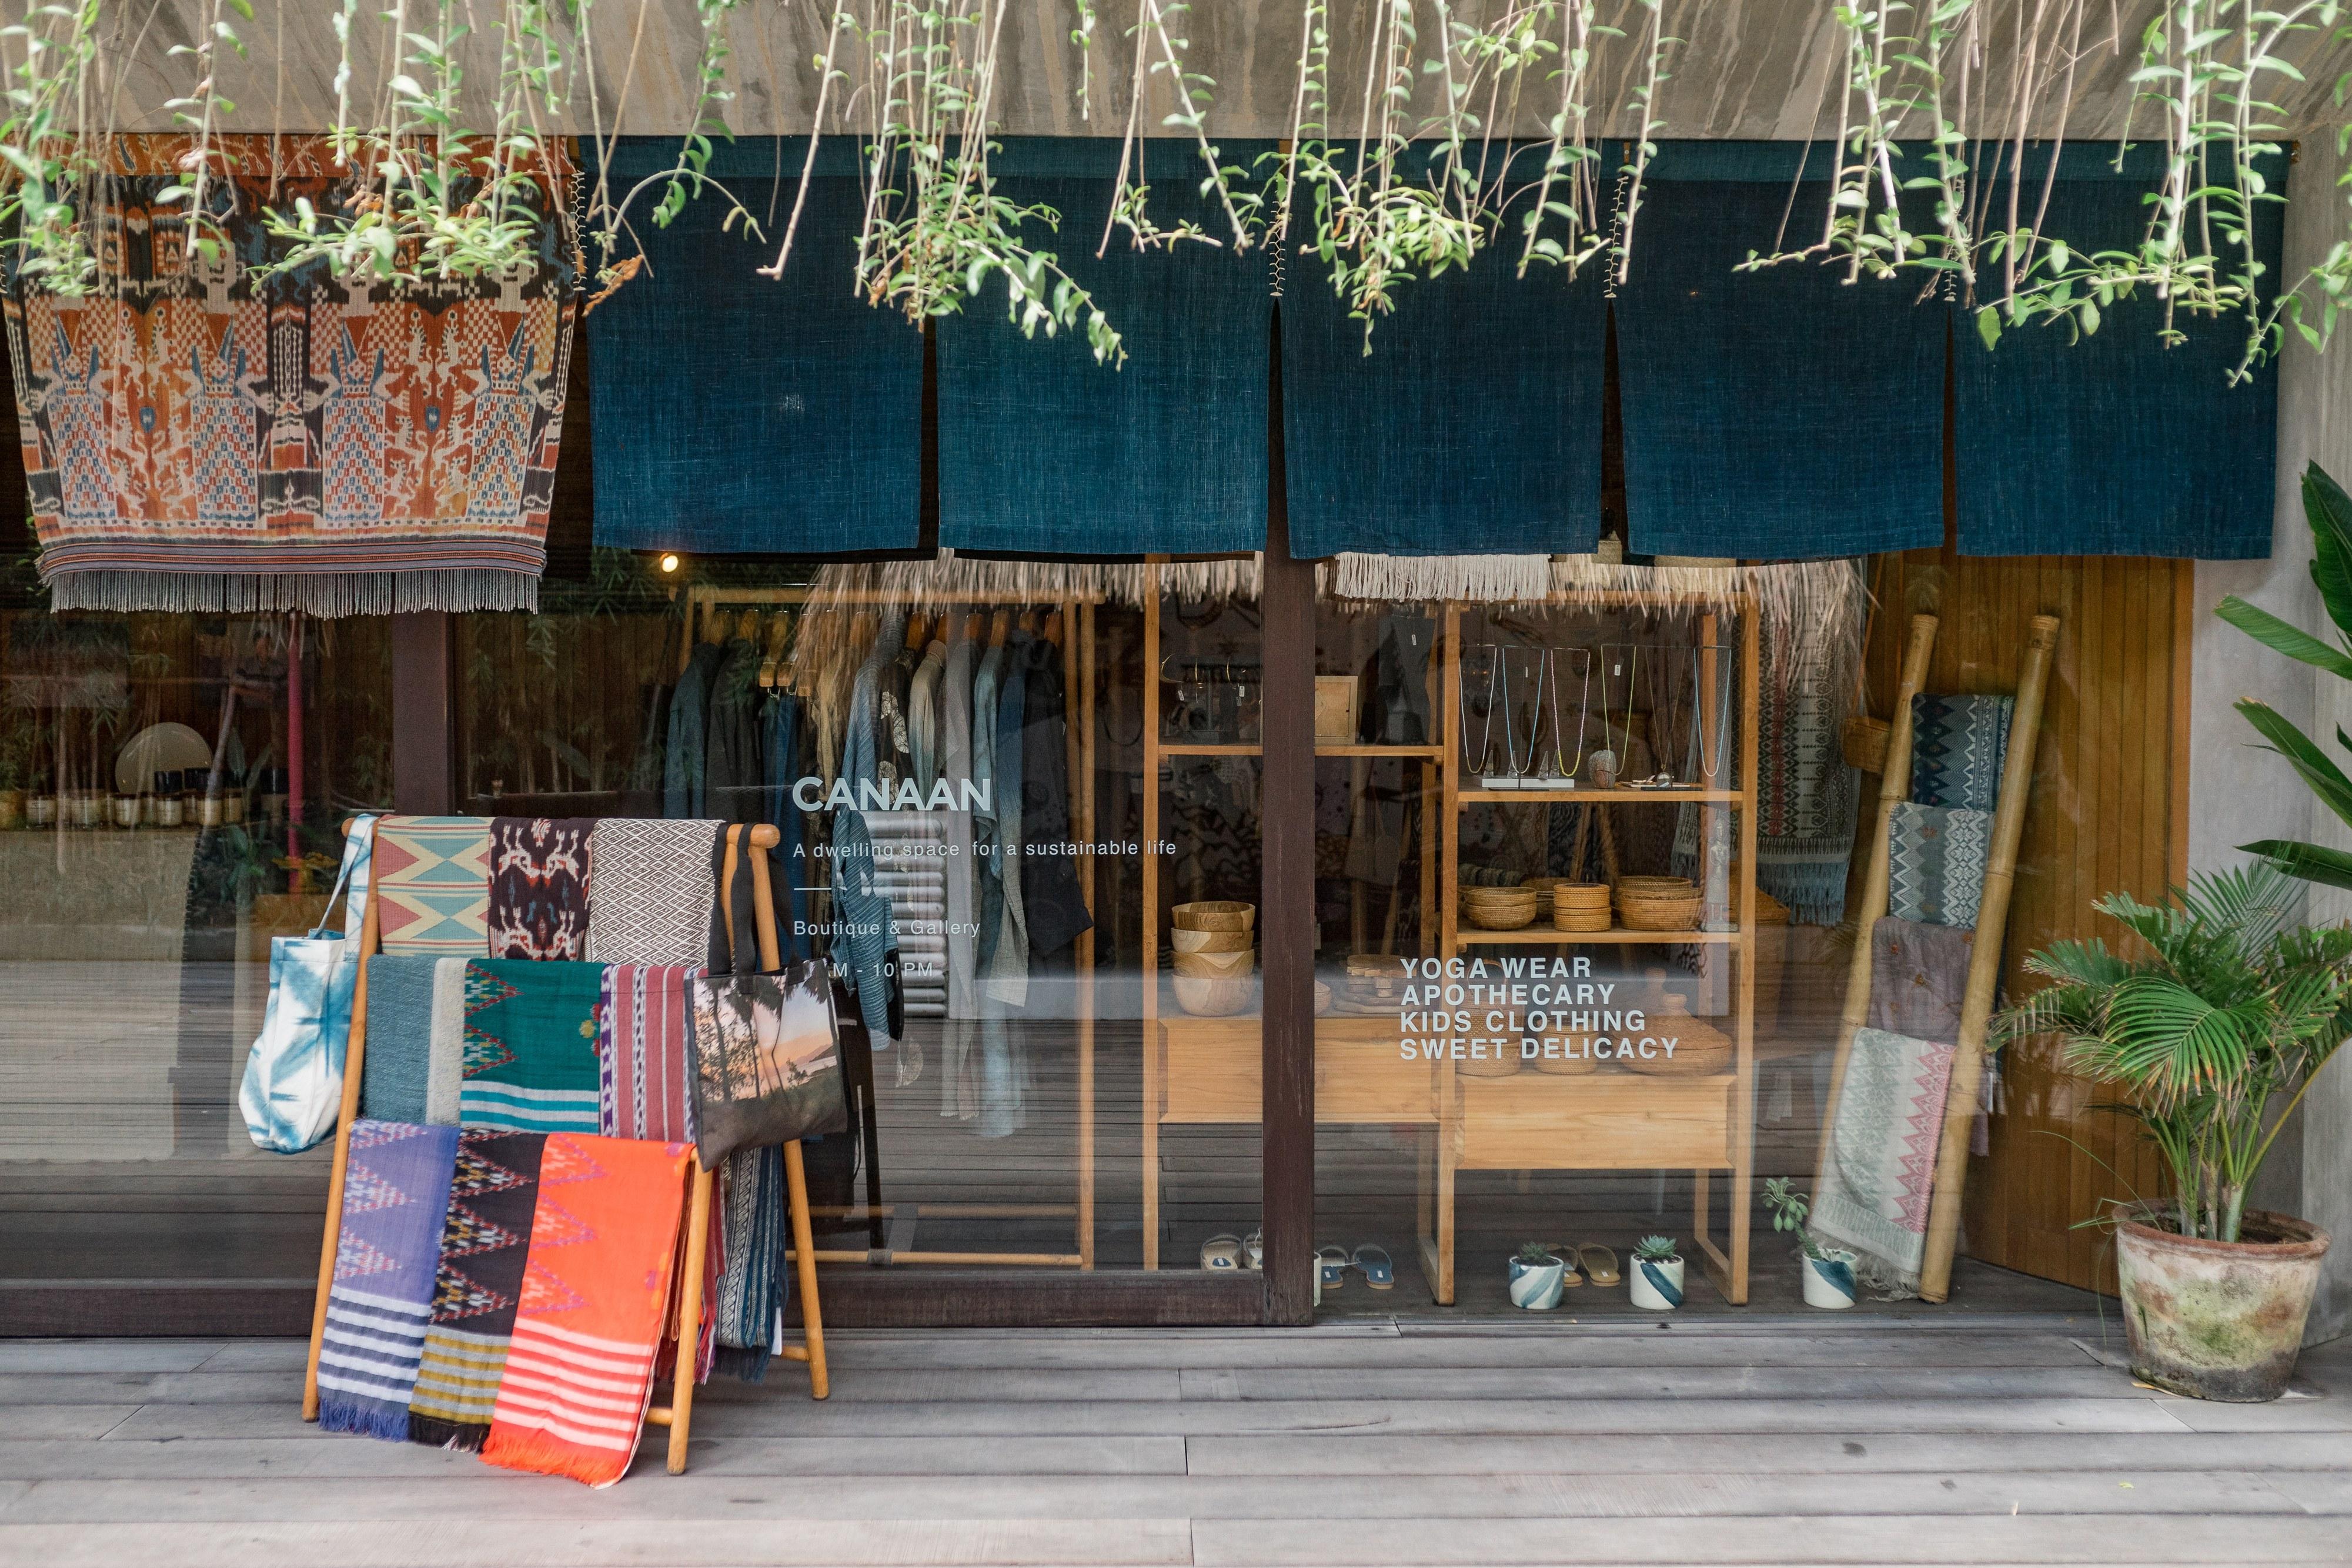 Canaan boutique Bali